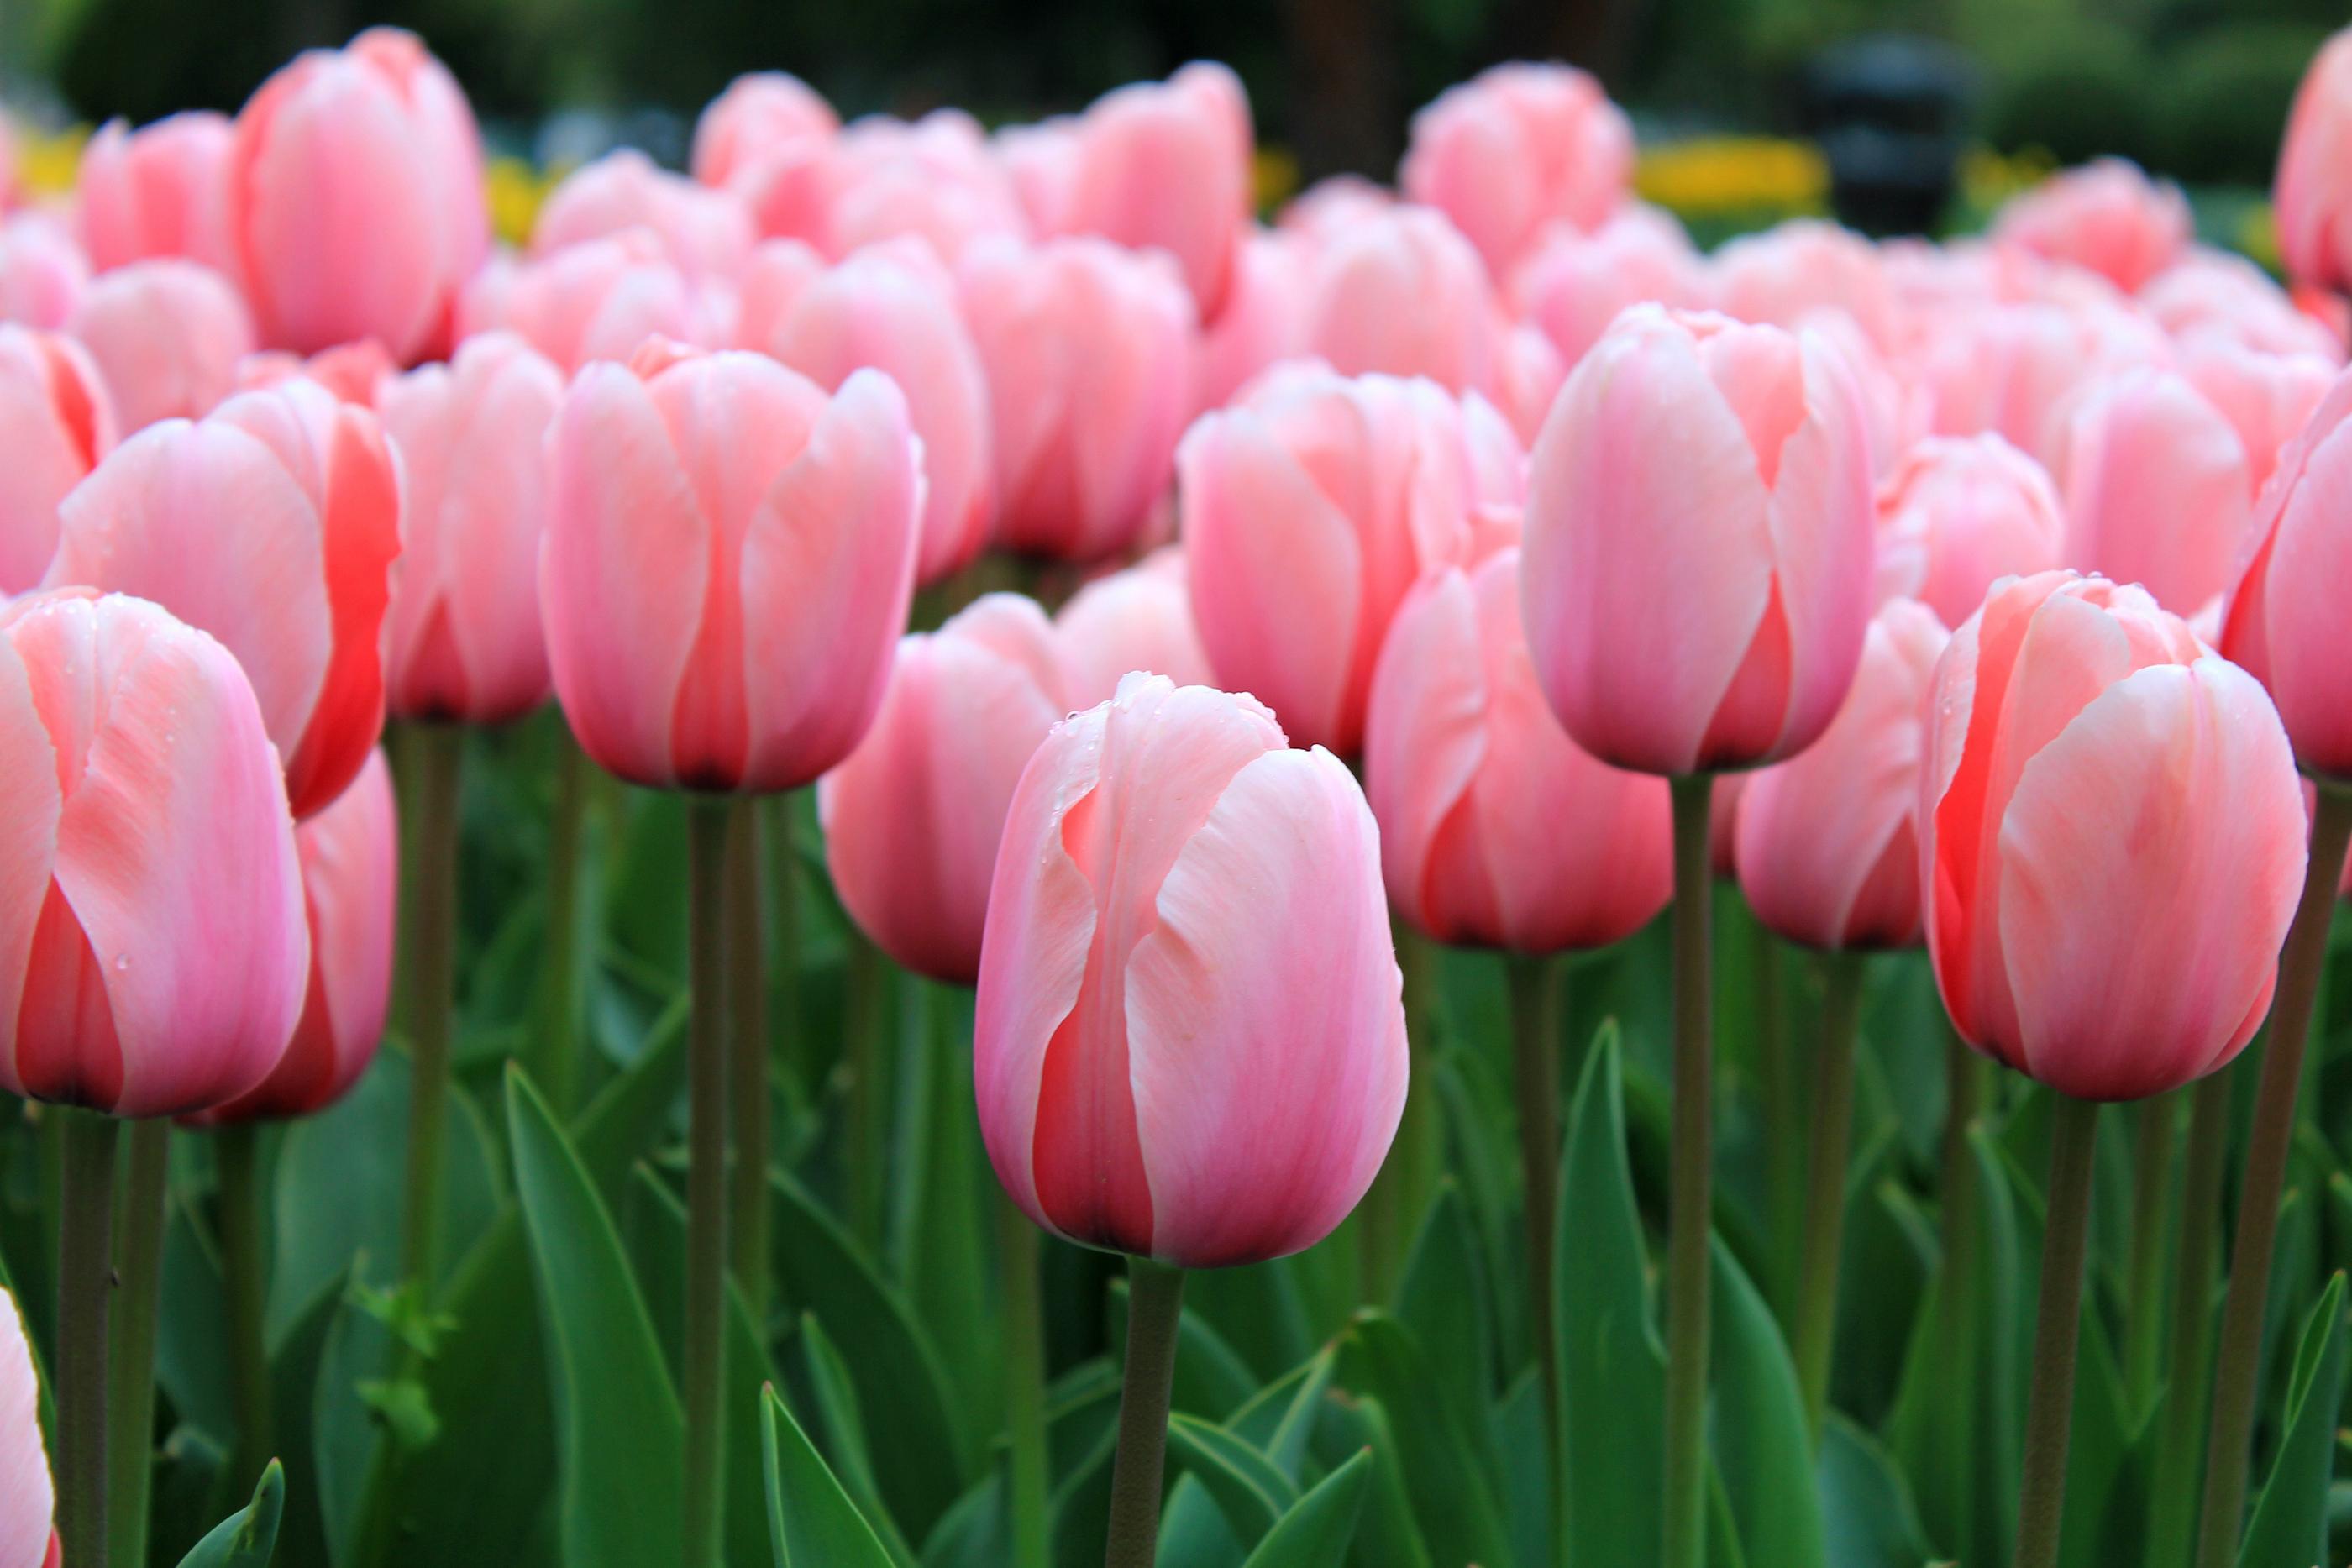 صور زهرة التوليب خلفيات ورمزيات وردة التوليب بالوانها